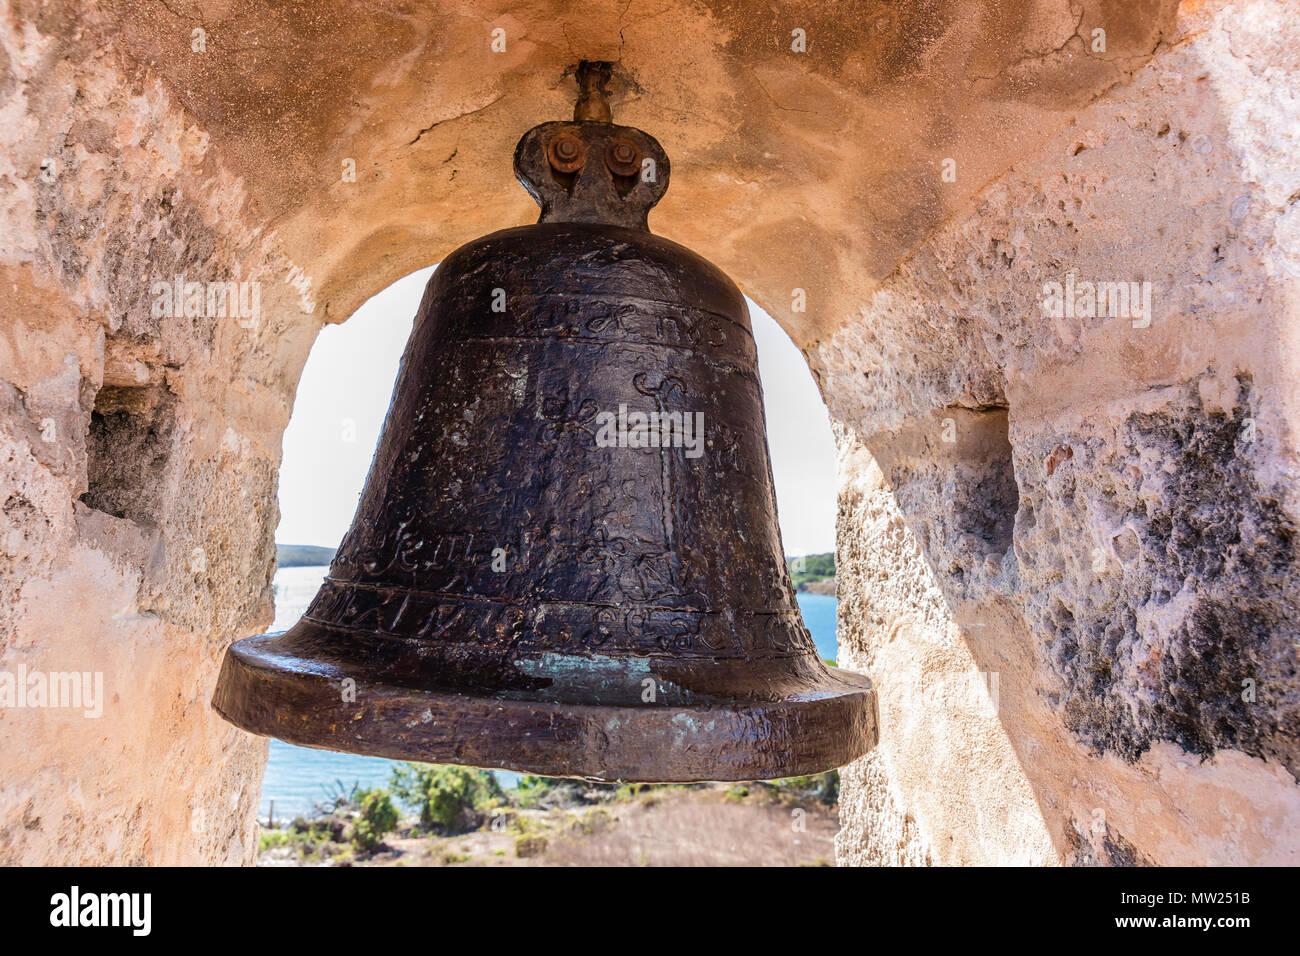 Der Alarm Bell im Castillo de Jagua fort, errichtet im Jahre 1742 von König Philipp V. von Spanien, in der Nähe von Cienfuegos, Kuba. Stockfoto